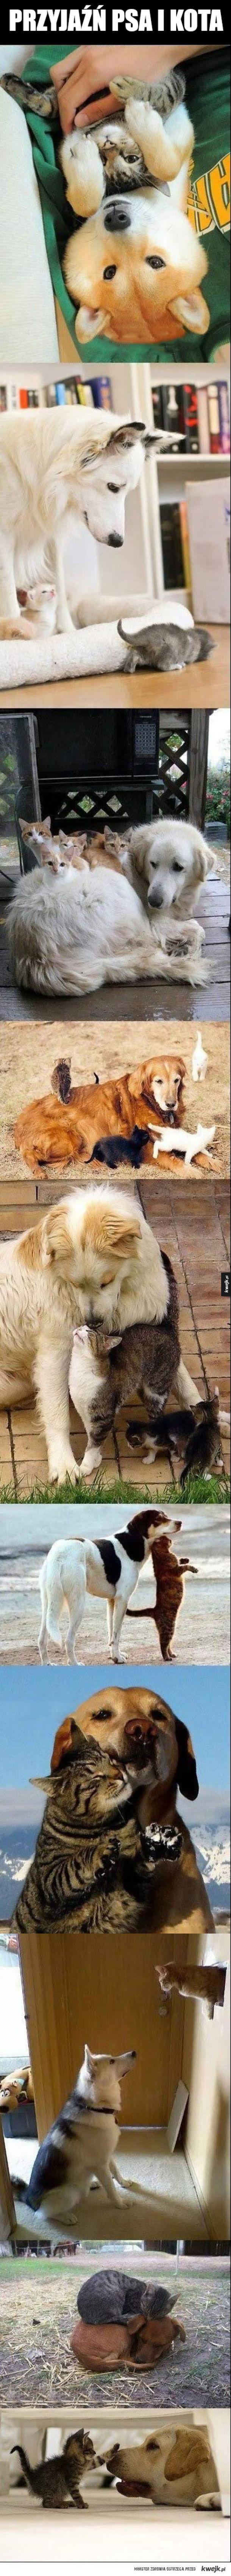 Słodka przyjaźń